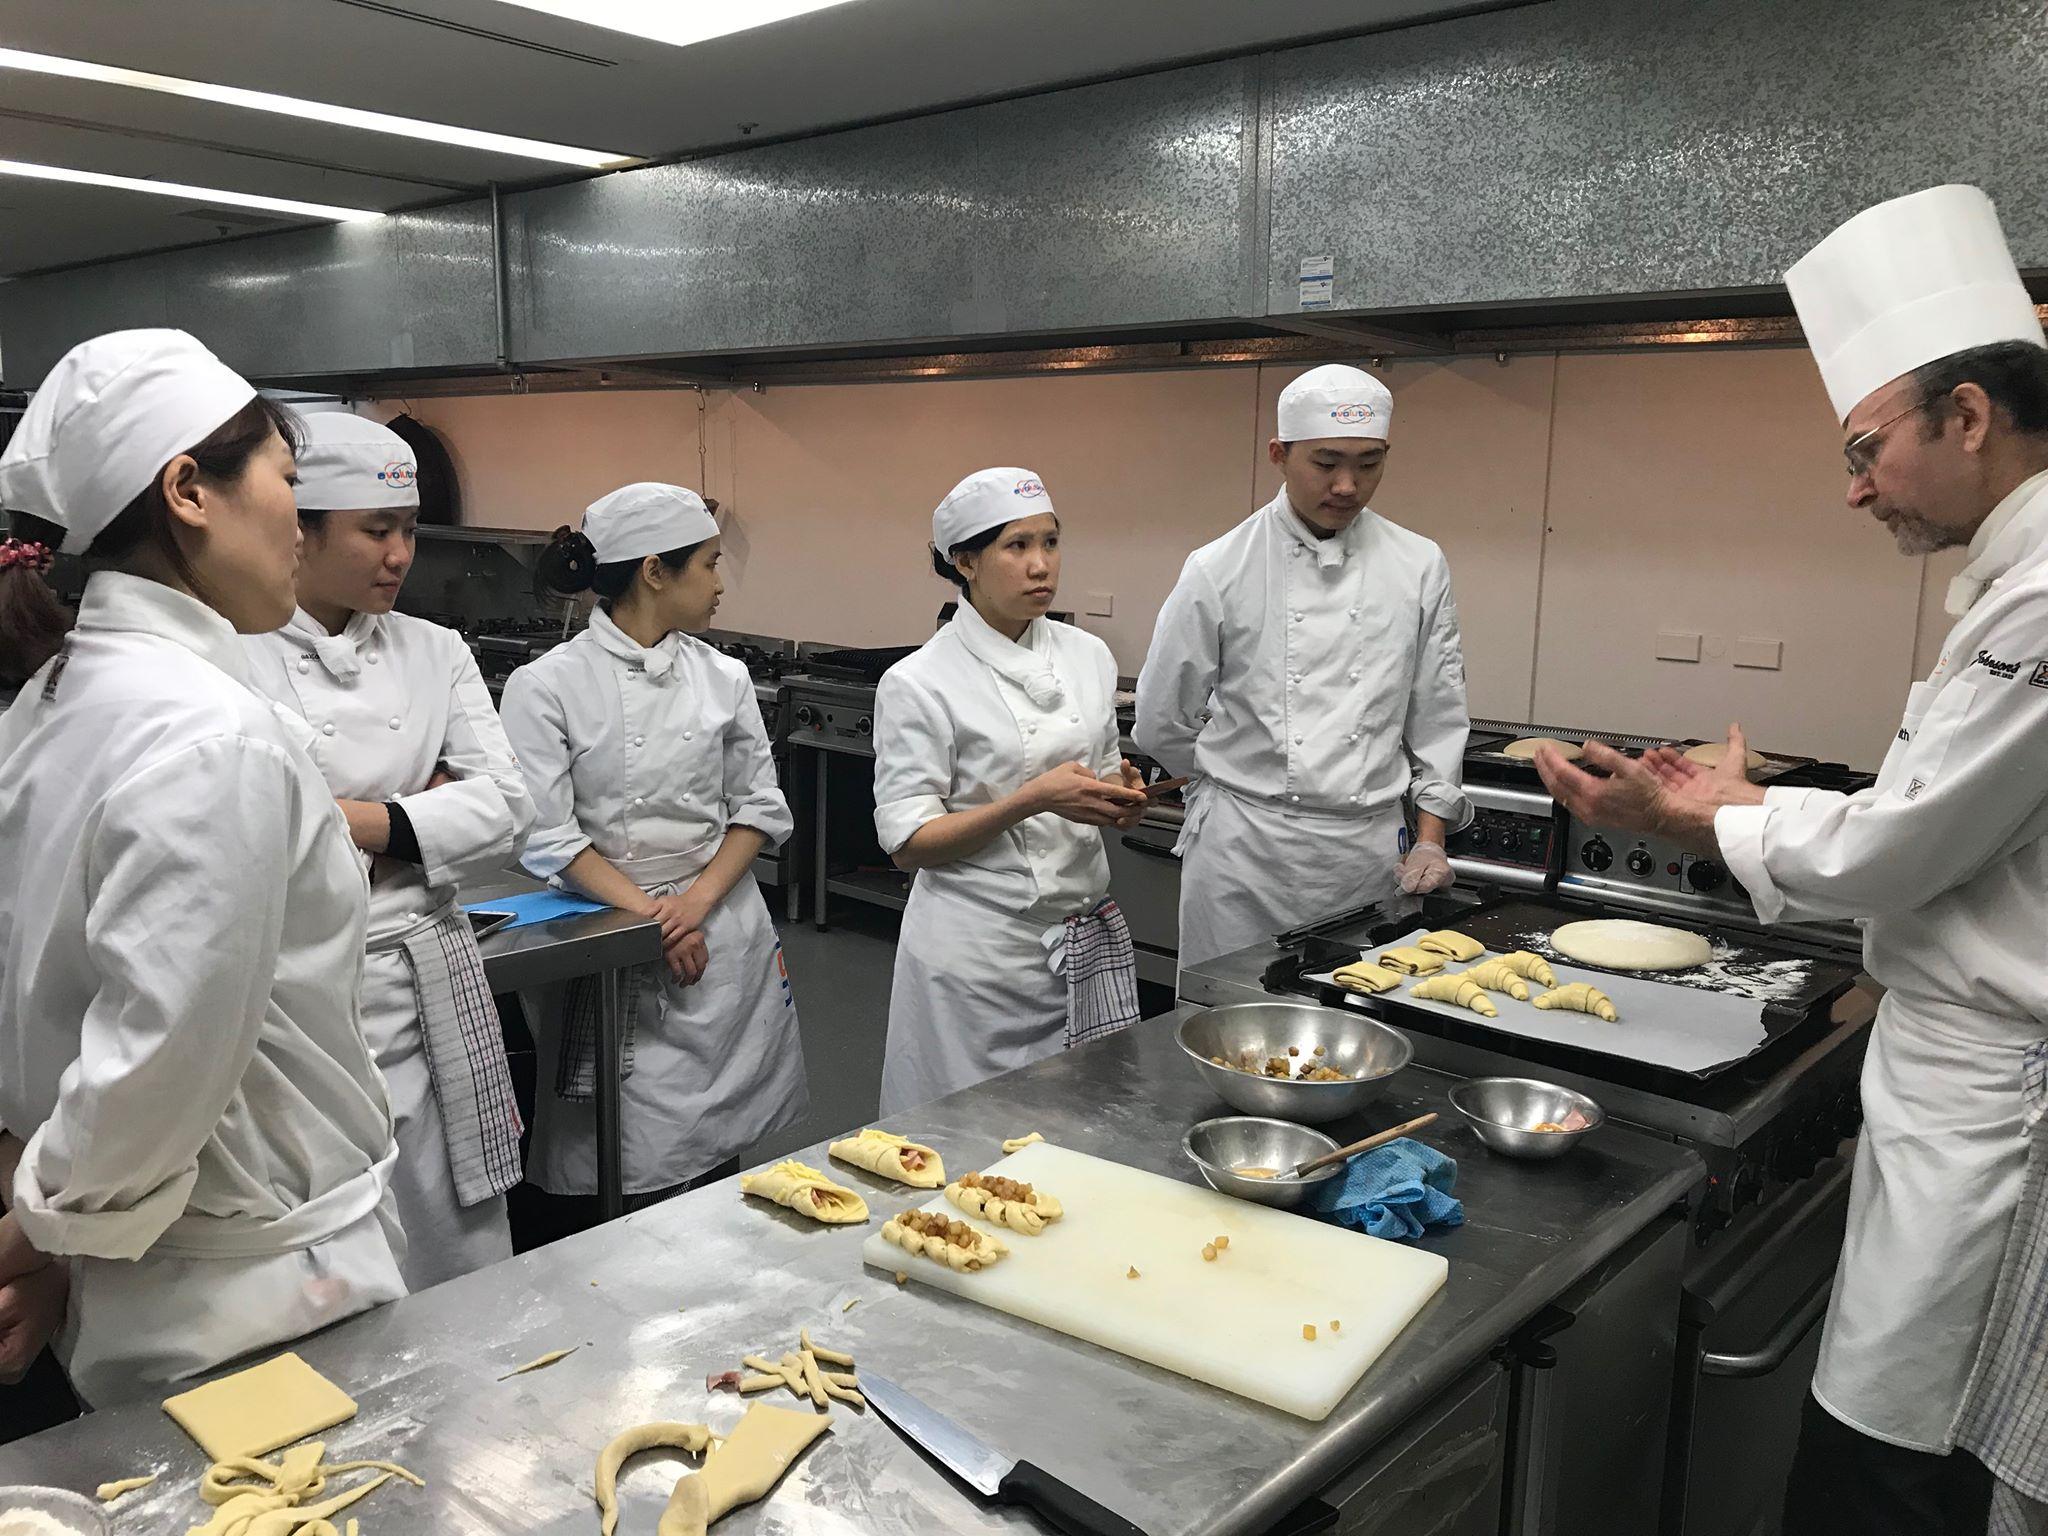 プロのトレーナーから学ぶ洗練された技術はパティシエとして働く際に大変役立ちます